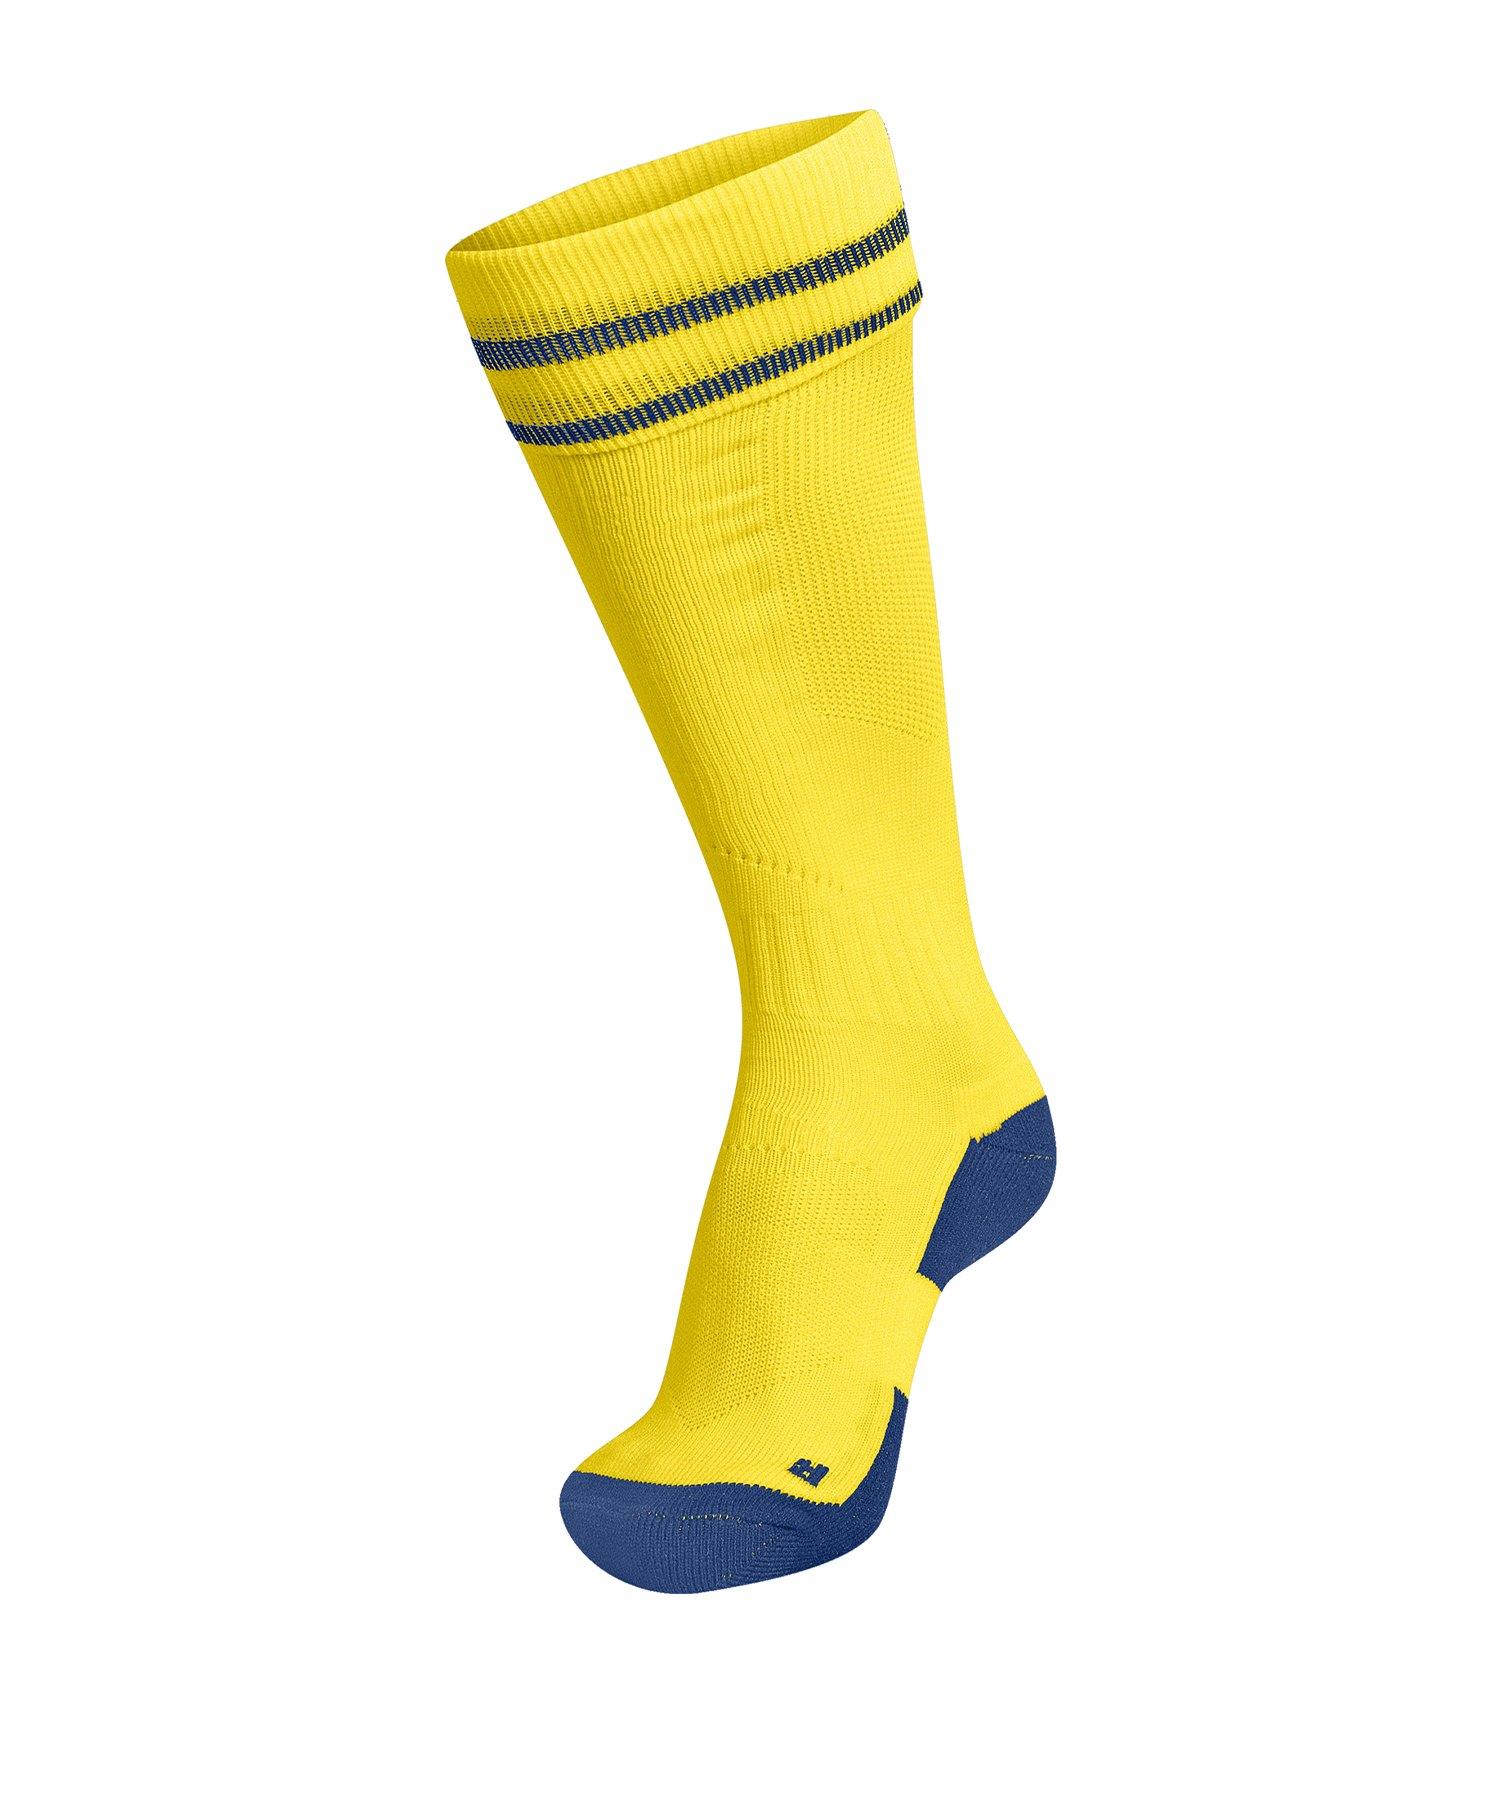 Hummel Football Sock Socken Gelb F5168 - Gelb